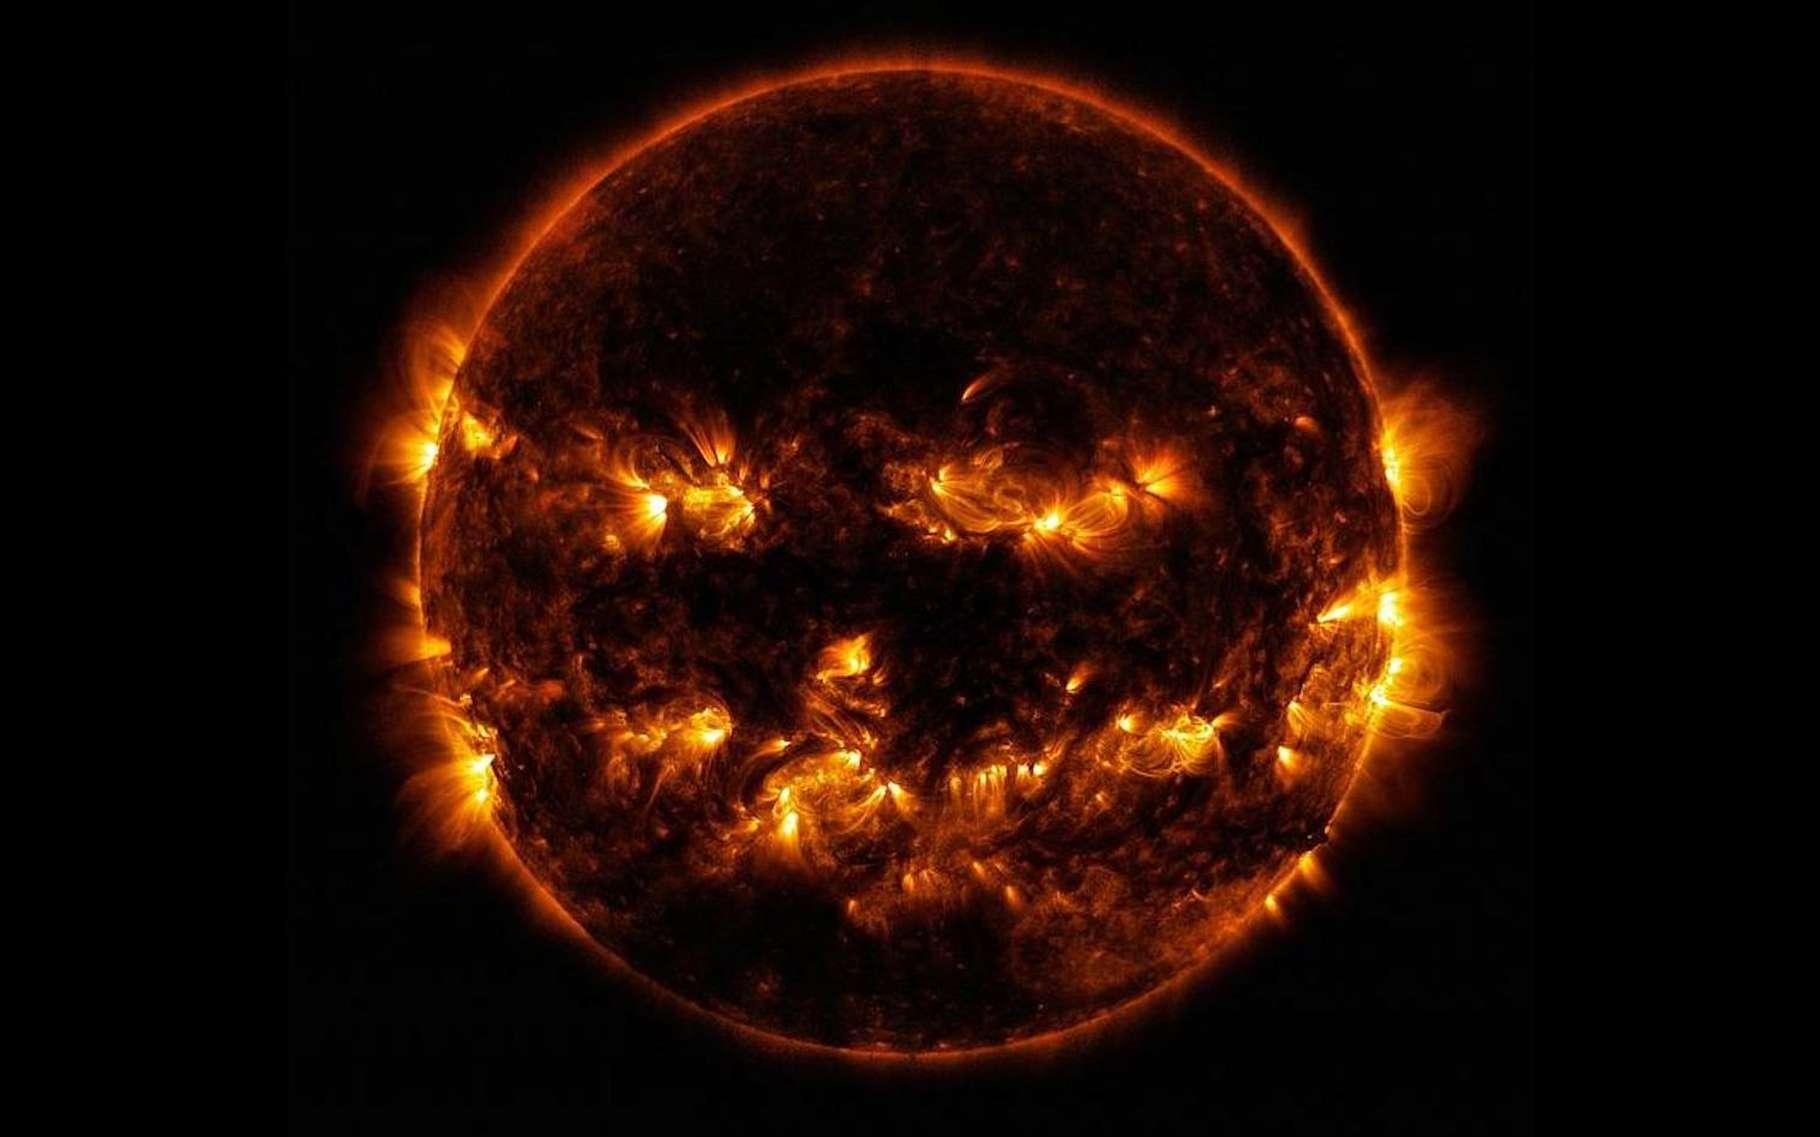 Cette semaine, la Nasa a publié quelques photos spéciales Halloween. Parmi elles, cette image du Soleil qui donne la chair de poule. © Nasa, GSFC, SDO